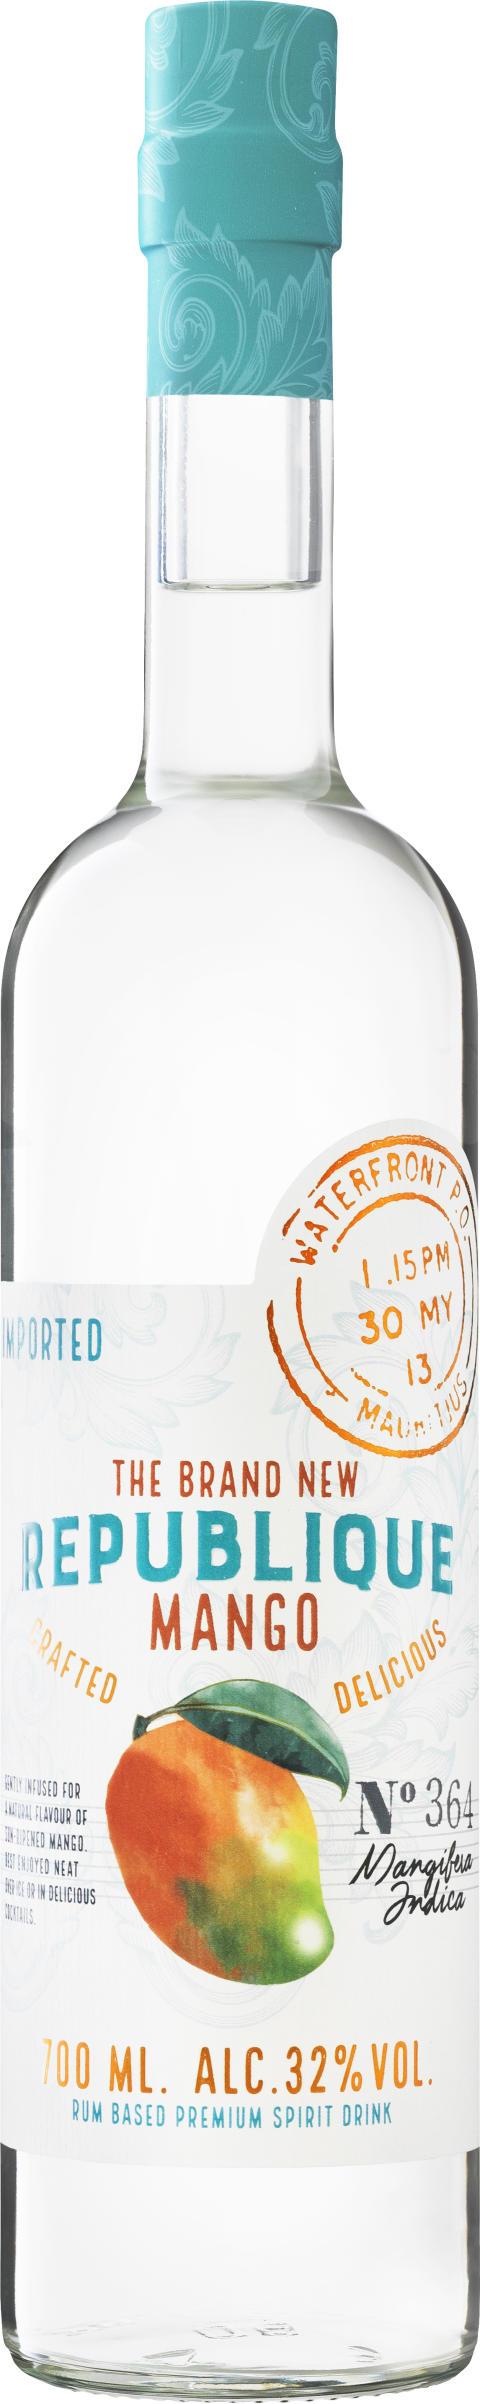 The Brand New Republique Mango Bottle